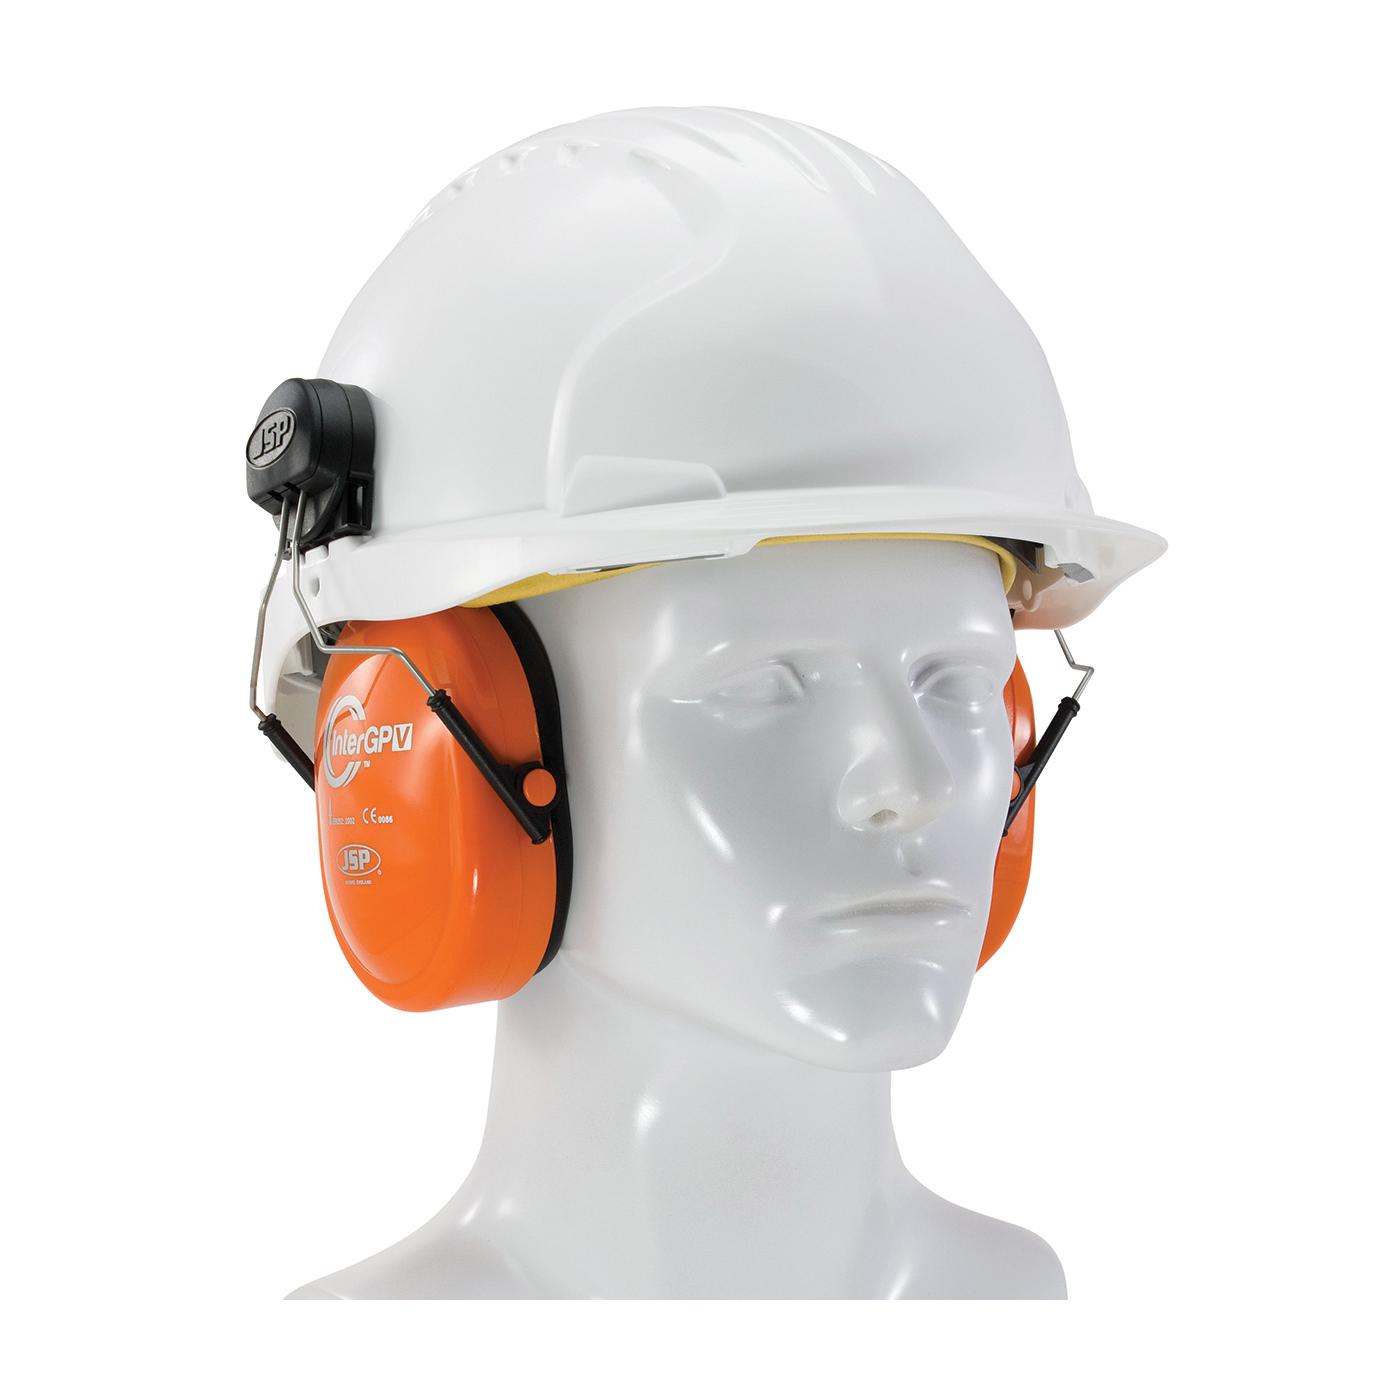 JSP® 262-AEK010-HV Inter GPV™ Ear Muff, 20 dB Noise Reduction, Hi-Viz Orange